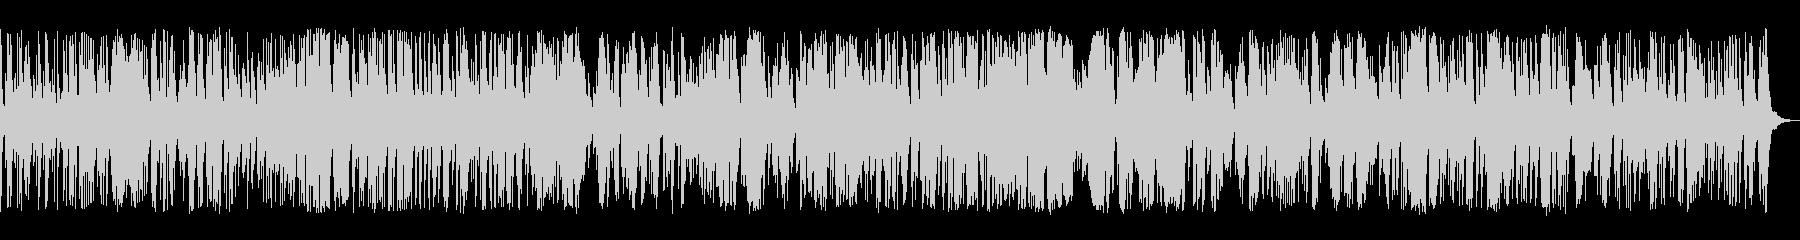 カクテルバー風ジャズピアノソロバラードの未再生の波形